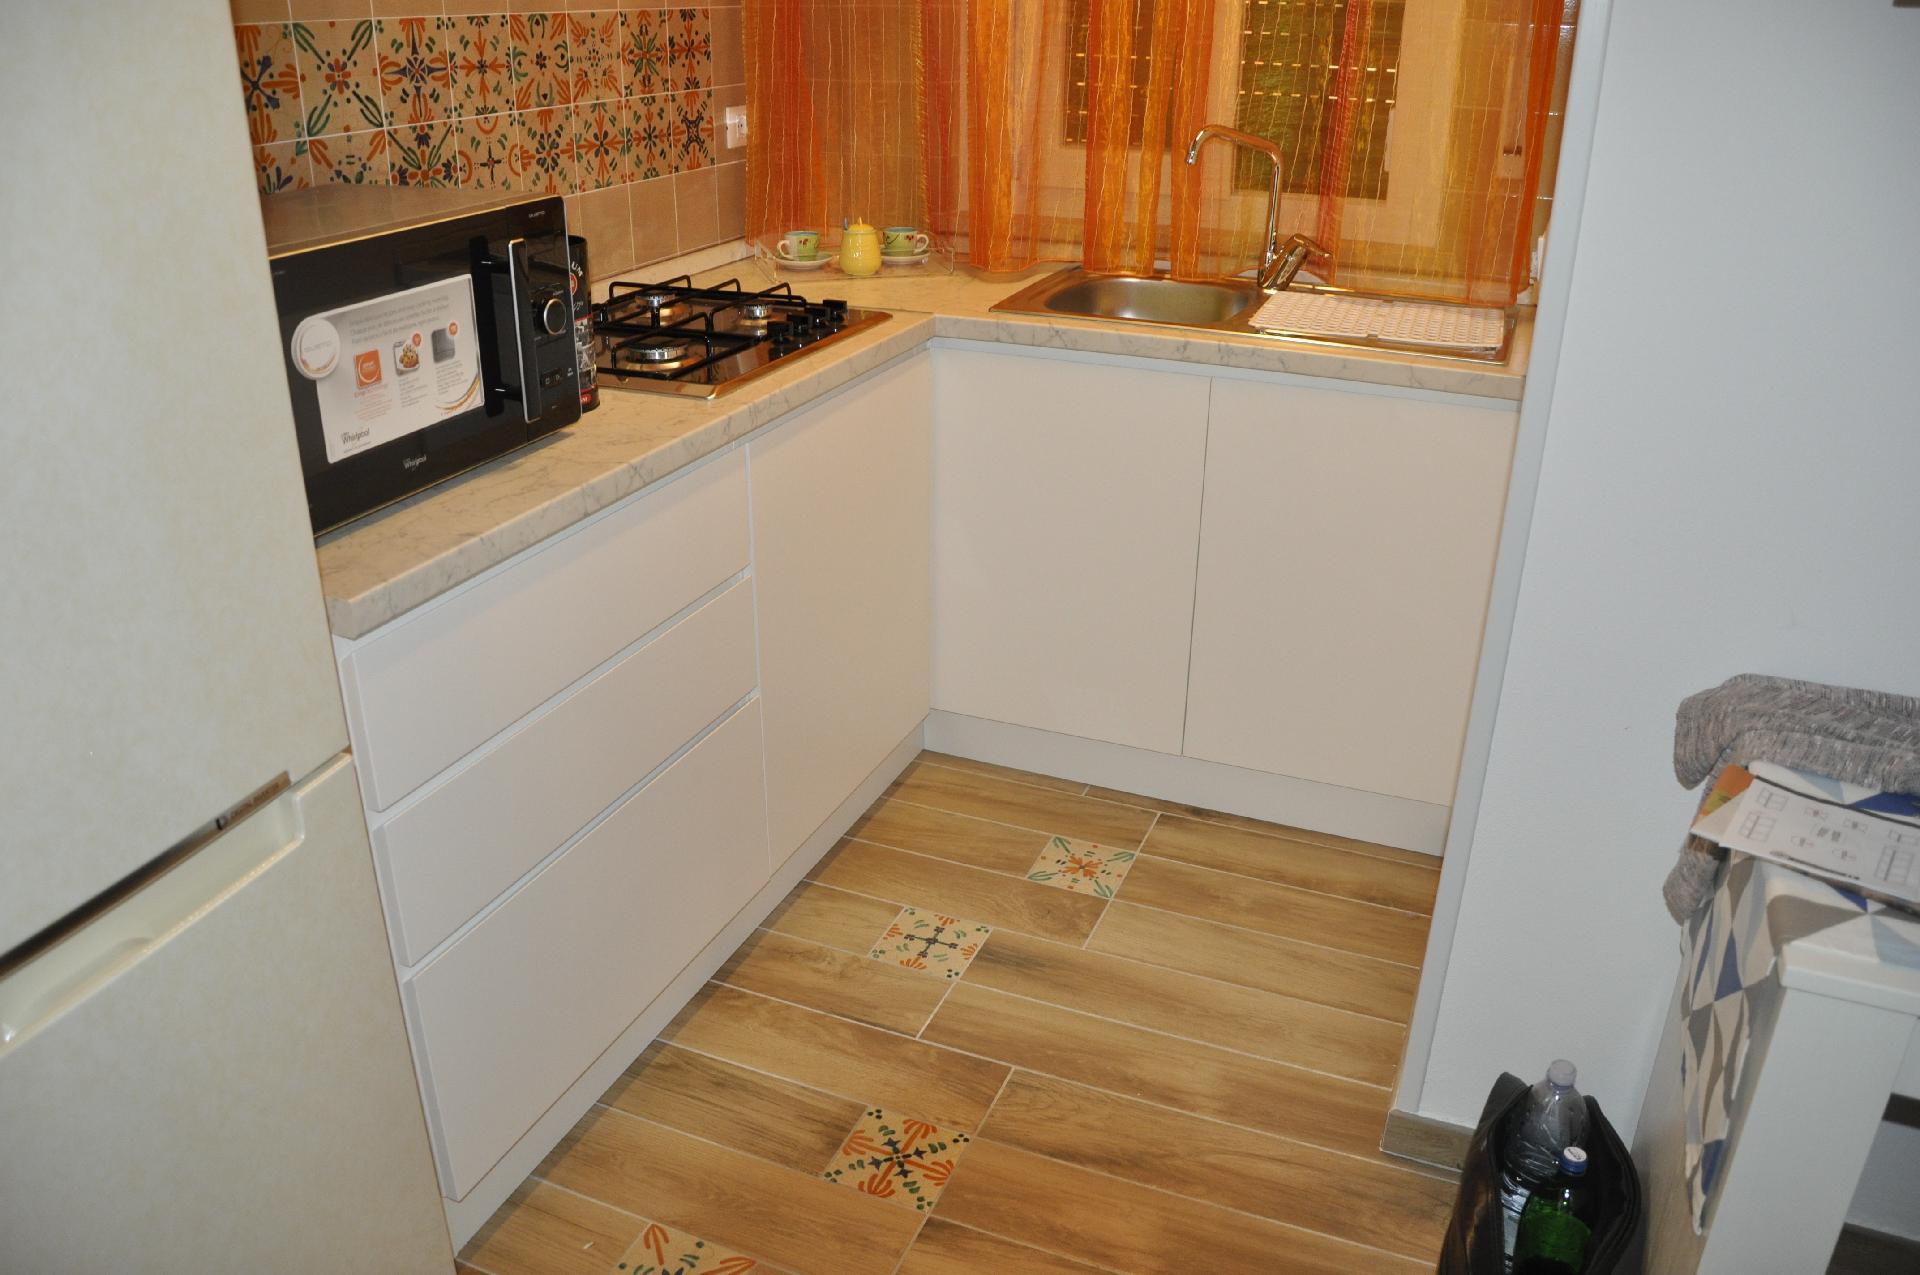 Cucina Componibile Laccata : Cucina componibile laccata camporeale palermo